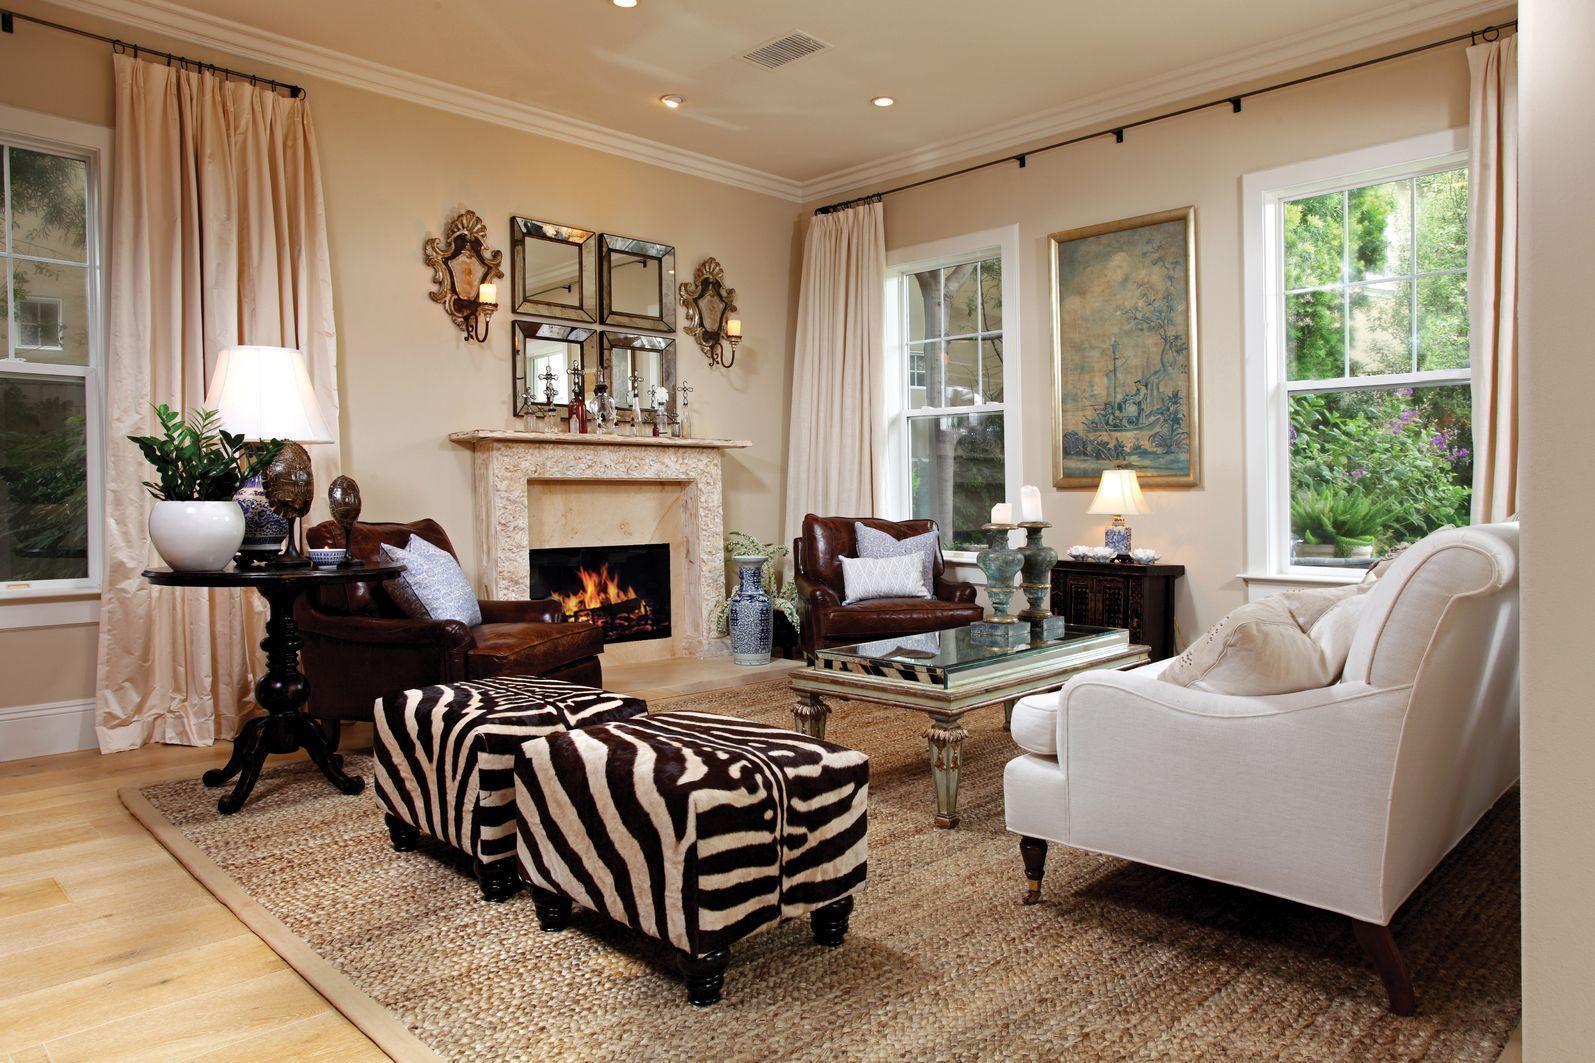 Graceful Living Room Zebra Druck Möbel Inspiration, Ideen #Badezimmer  #Büromöbel #Couchtisch #